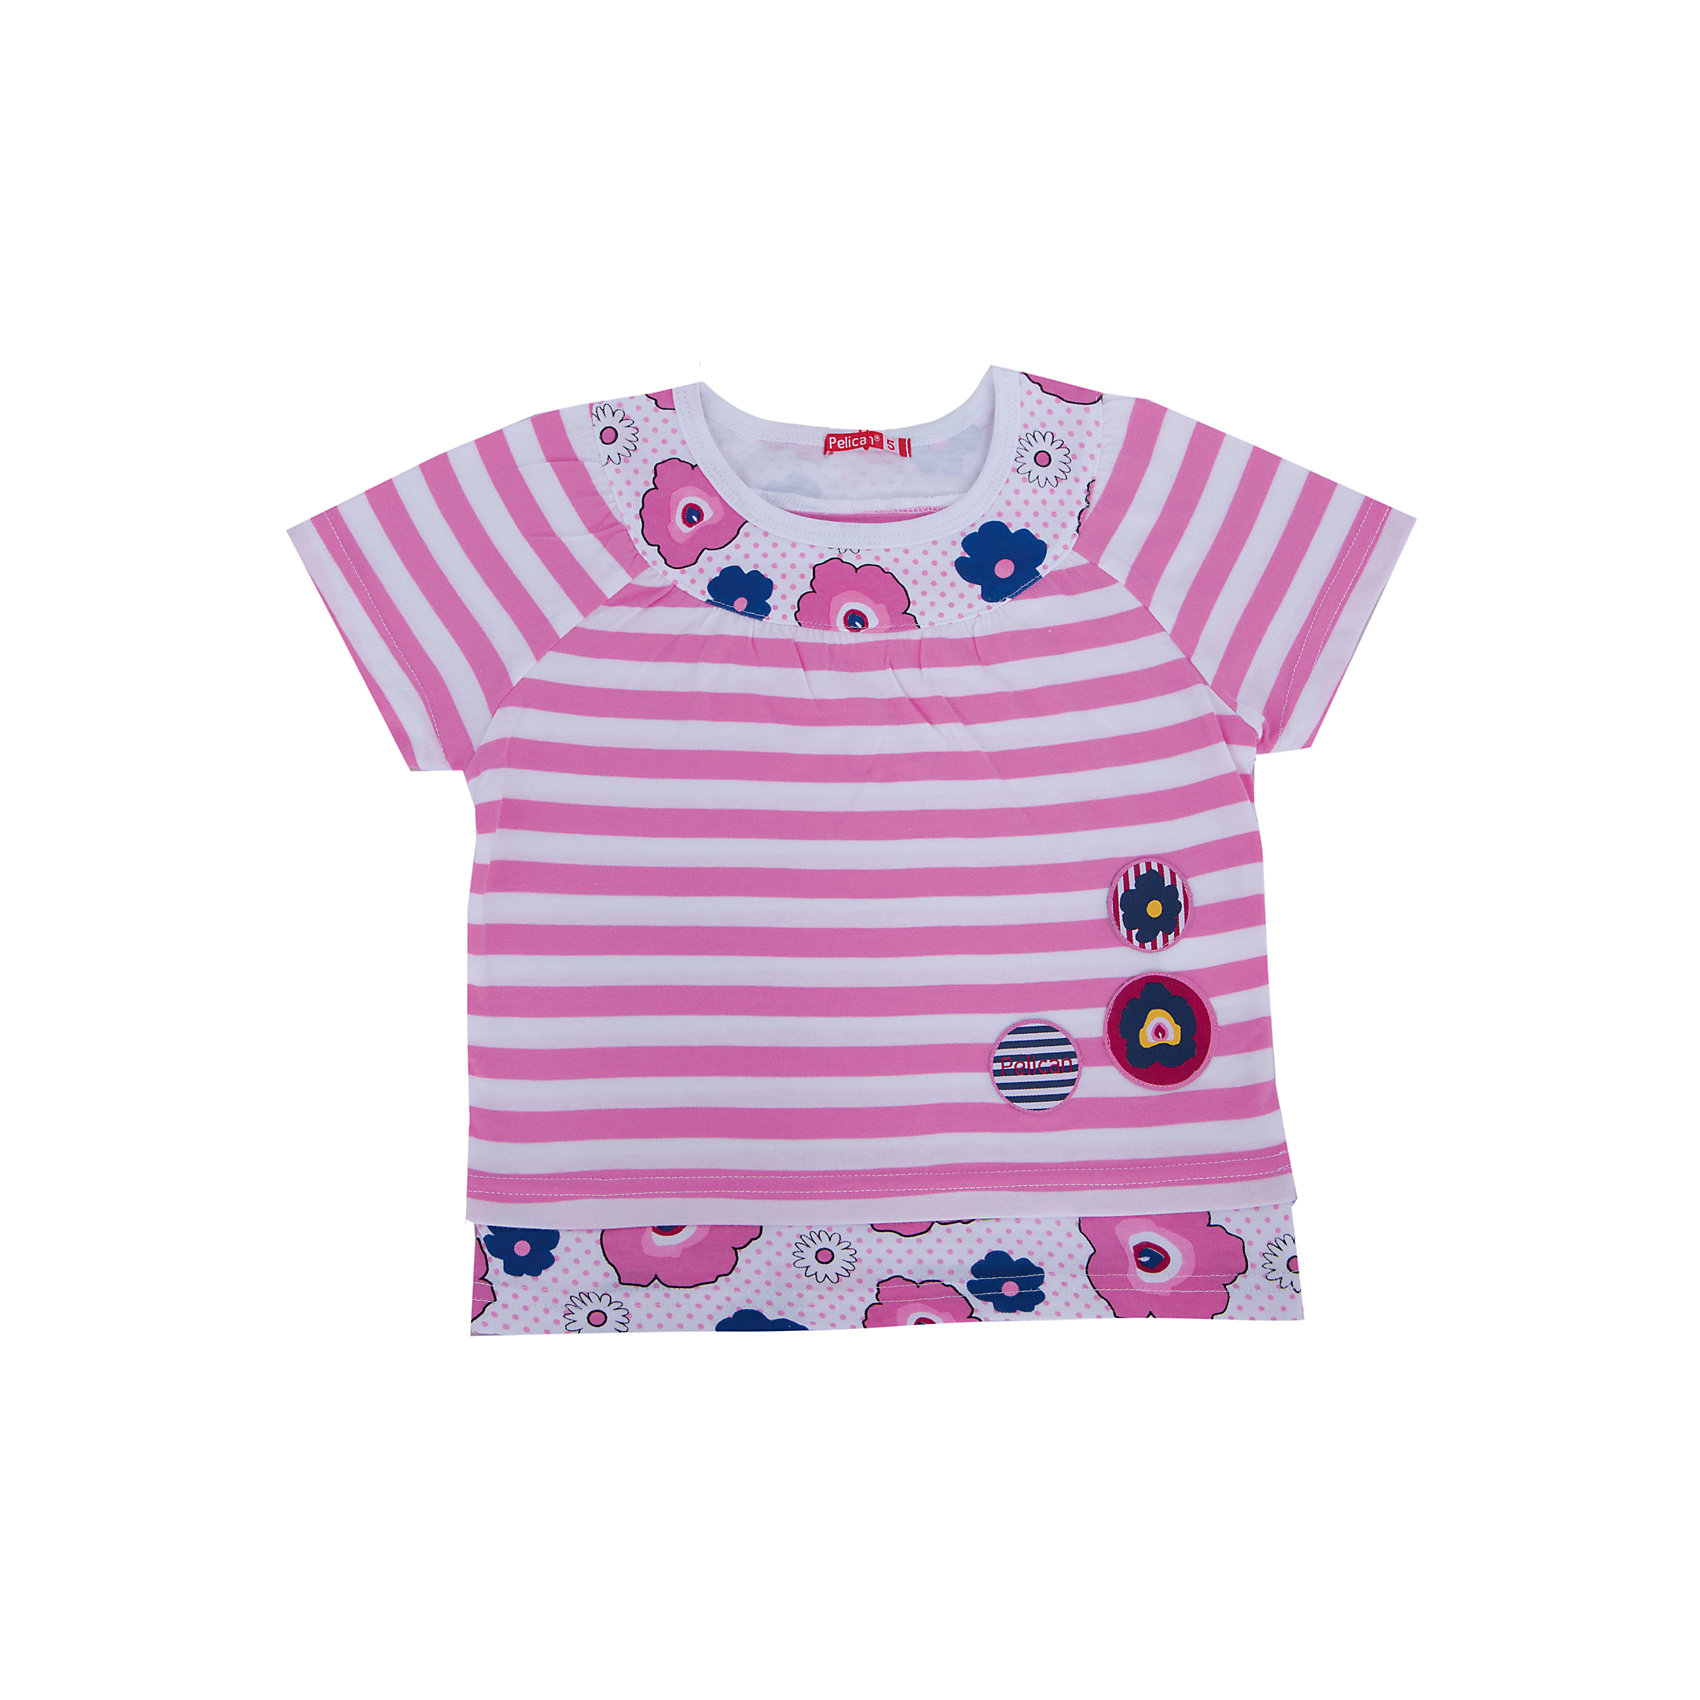 Футболка для девочки PELICANКофточки и распашонки<br>Модная футболка для девочки поможет разнообразить гардероб ребенка, создать легкий подходящий погоде ансамбль. Удобный крой и качественный материал обеспечат ребенку комфорт при ношении этих вещей. <br>Футболка очень стильно смотрится благодаря актуальному дизайну. Изделие украшено модным принтом, контрастной вставкой на горловине. Рукава - короткие. Материал - легкий, отлично подходит для лета, состоит из дышащего натурального хлопка. Очень приятен на ощупь, не вызывает аллергии.<br><br>Дополнительная информация:<br><br>материал: 100% хлопок;<br>цвет: розовый;<br>принт;<br>рукава короткие.<br><br>Футболку для девочки от бренда PELICAN (Пеликан) можно купить в нашем магазине.<br><br>Ширина мм: 199<br>Глубина мм: 10<br>Высота мм: 161<br>Вес г: 151<br>Цвет: розовый<br>Возраст от месяцев: 48<br>Возраст до месяцев: 60<br>Пол: Женский<br>Возраст: Детский<br>Размер: 110,92,104,98,86<br>SKU: 4805143